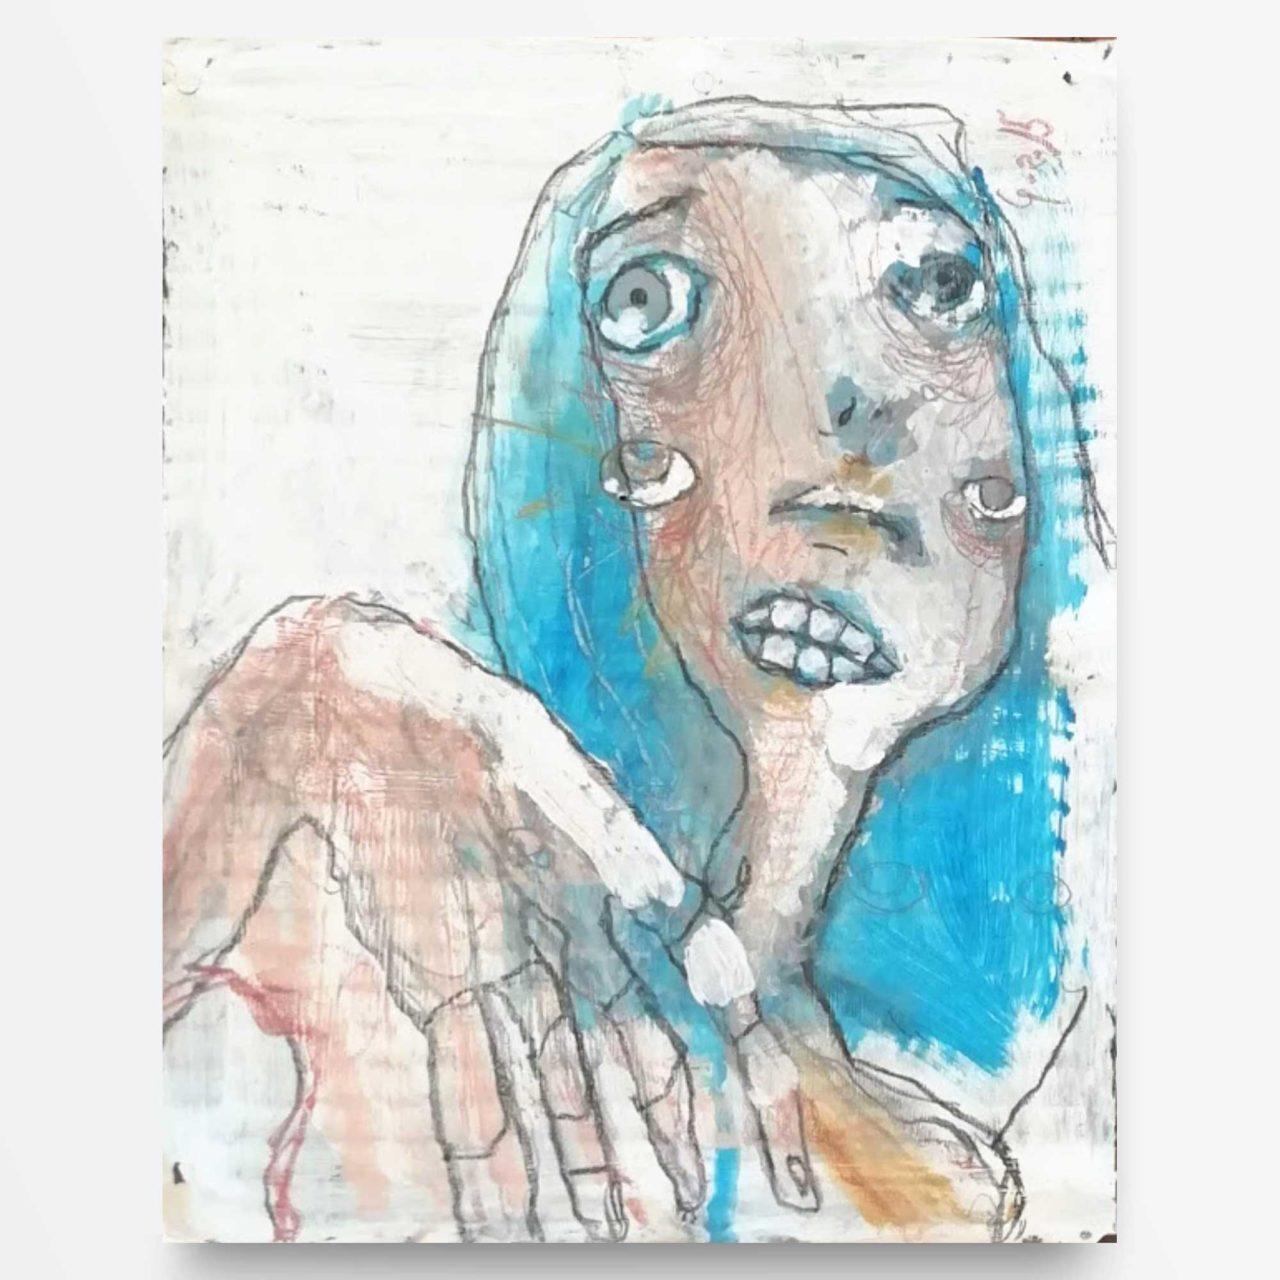 2015 Sclero quadro ad acrilico di Diego Gabriele